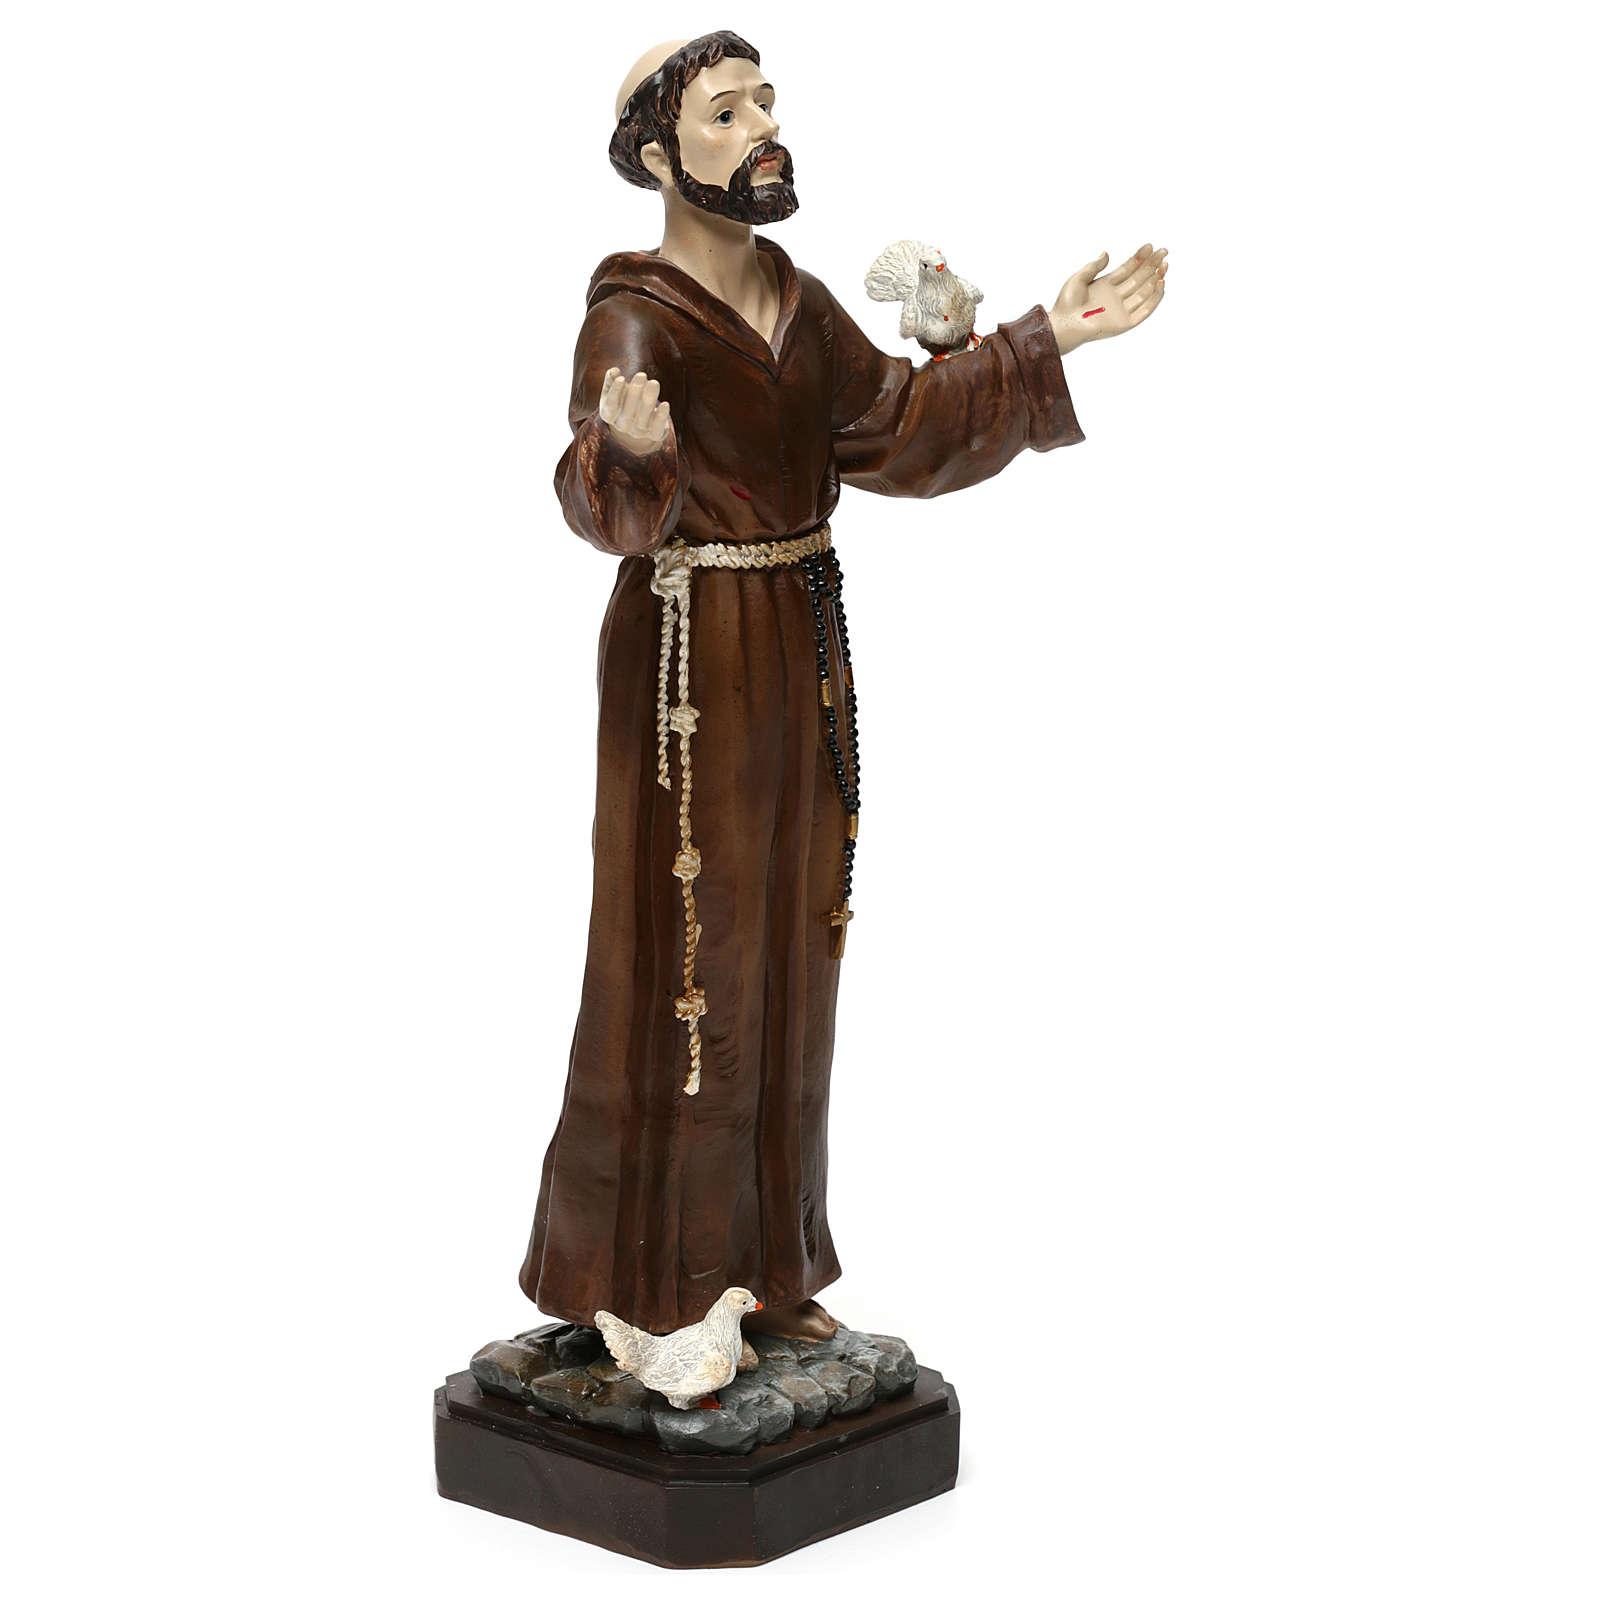 Saint François h 30 cm résine colorée 4